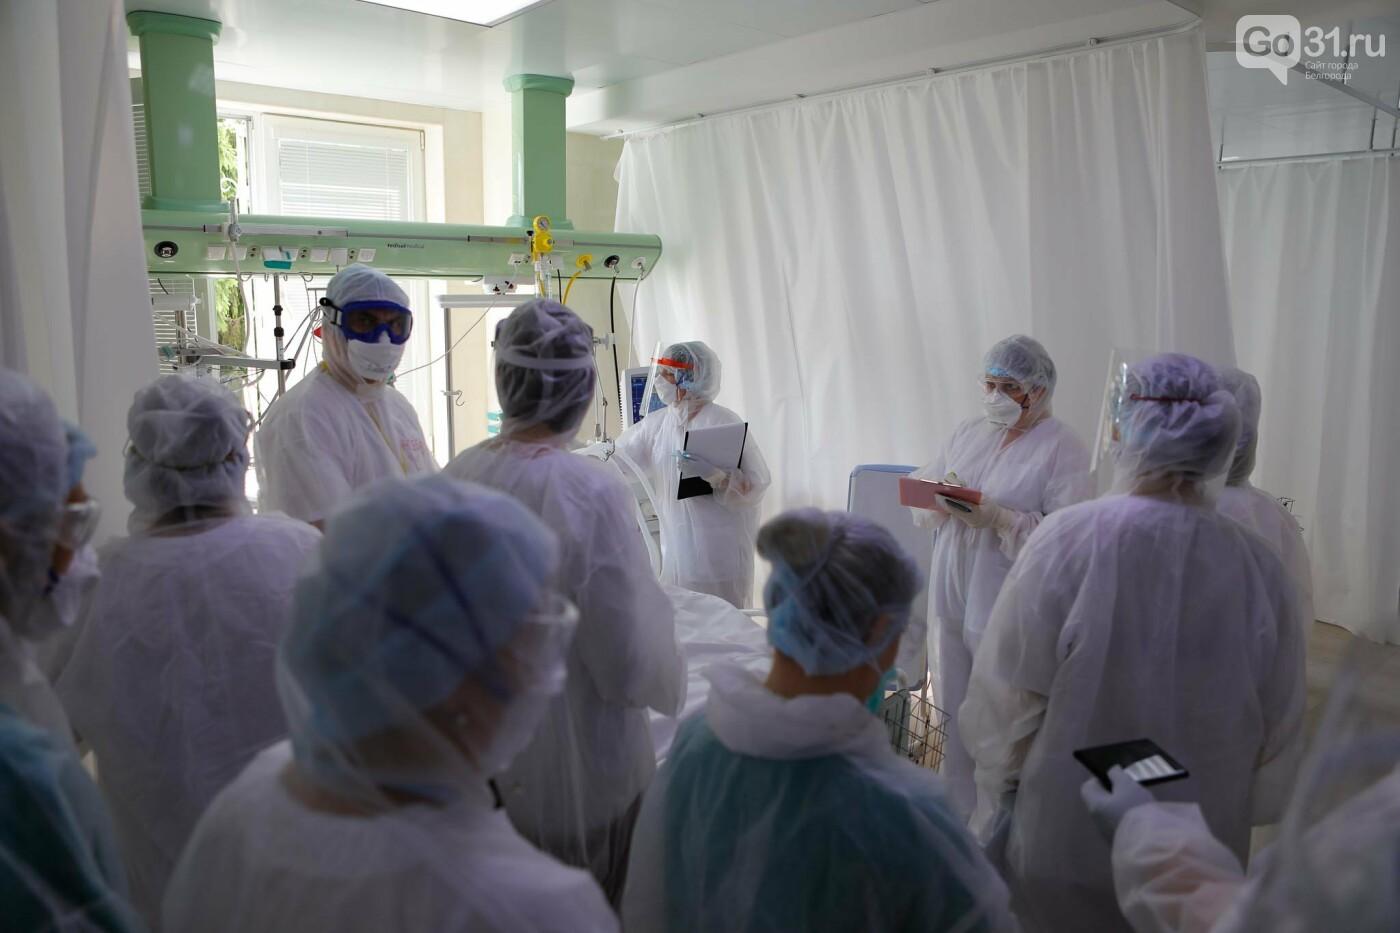 Что происходит в ковид-госпитале Белгорода. Фоторепортаж из «красной» зоны, фото-8, Фото: Антон Вергун